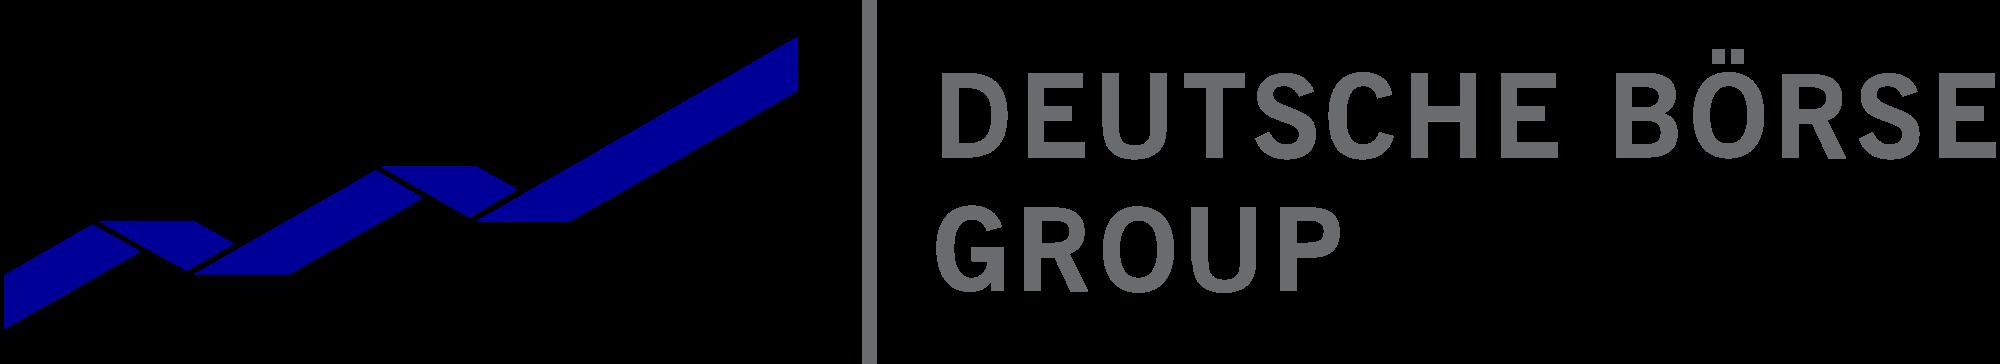 deutsche_börse